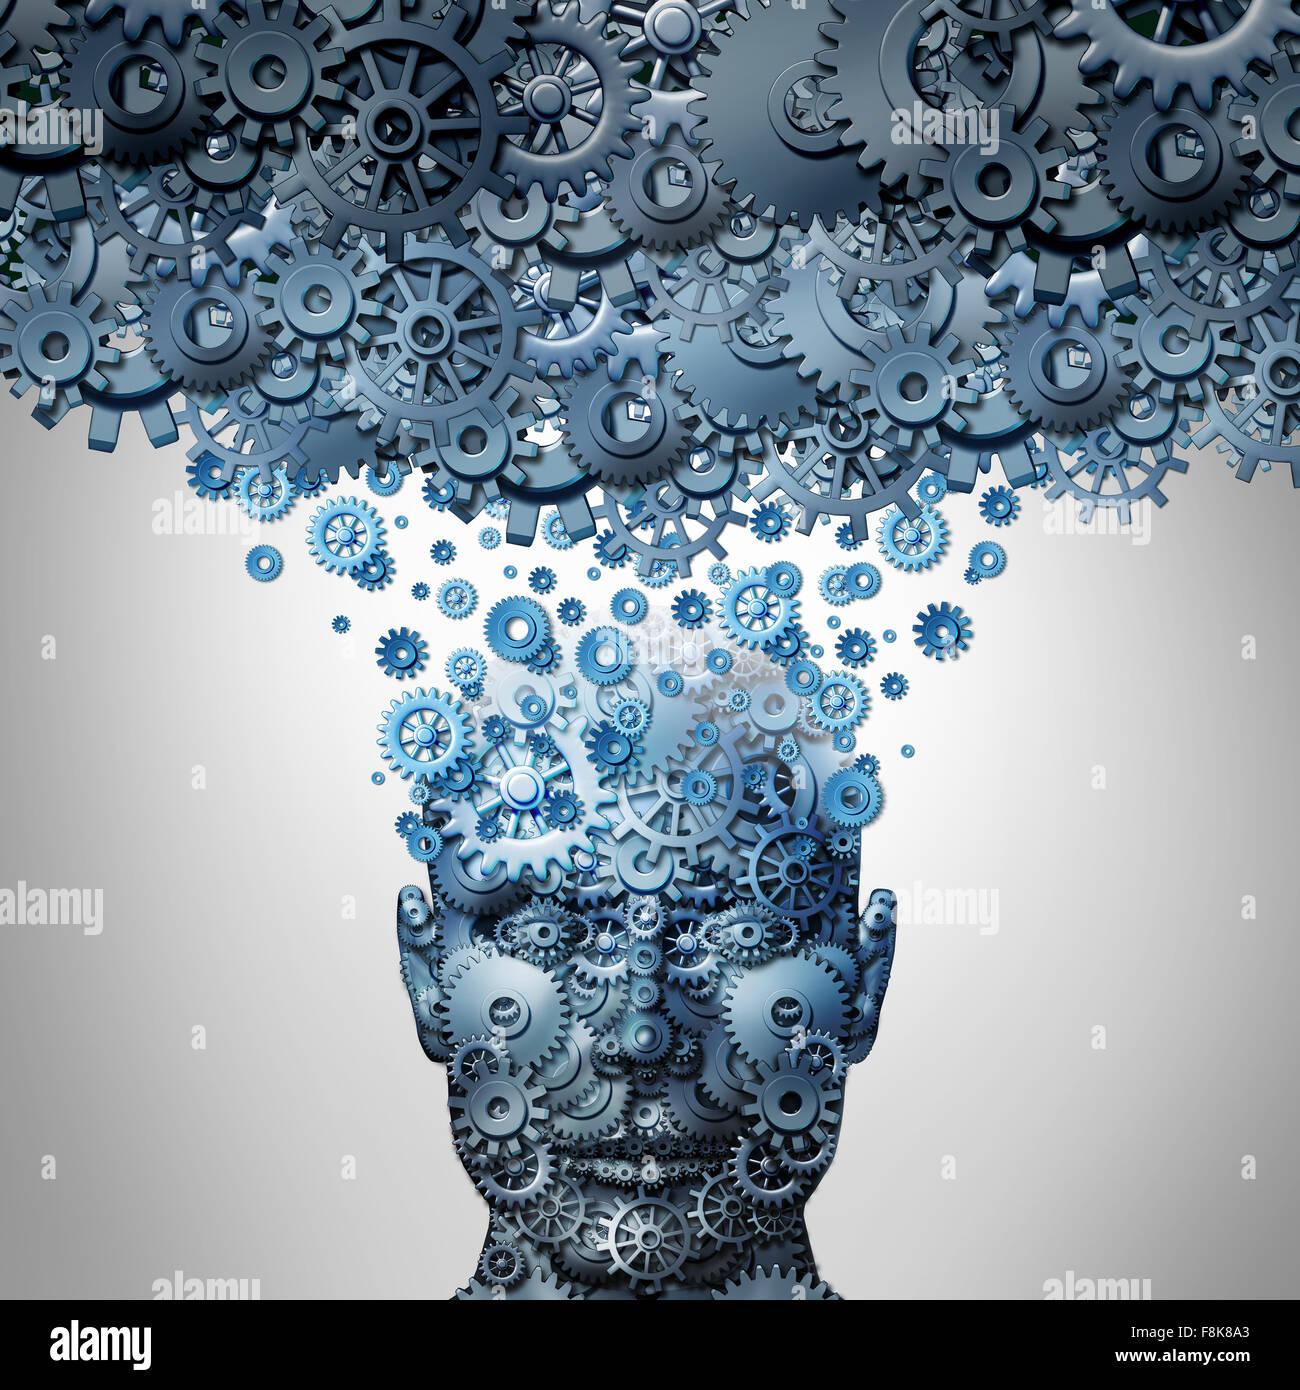 Hochladen Sie Ihre Meinung oder Ihr Gehirn-Konzept als ein menschlicher Kopf machte der mechanisierten Ausrüstung Stockbild